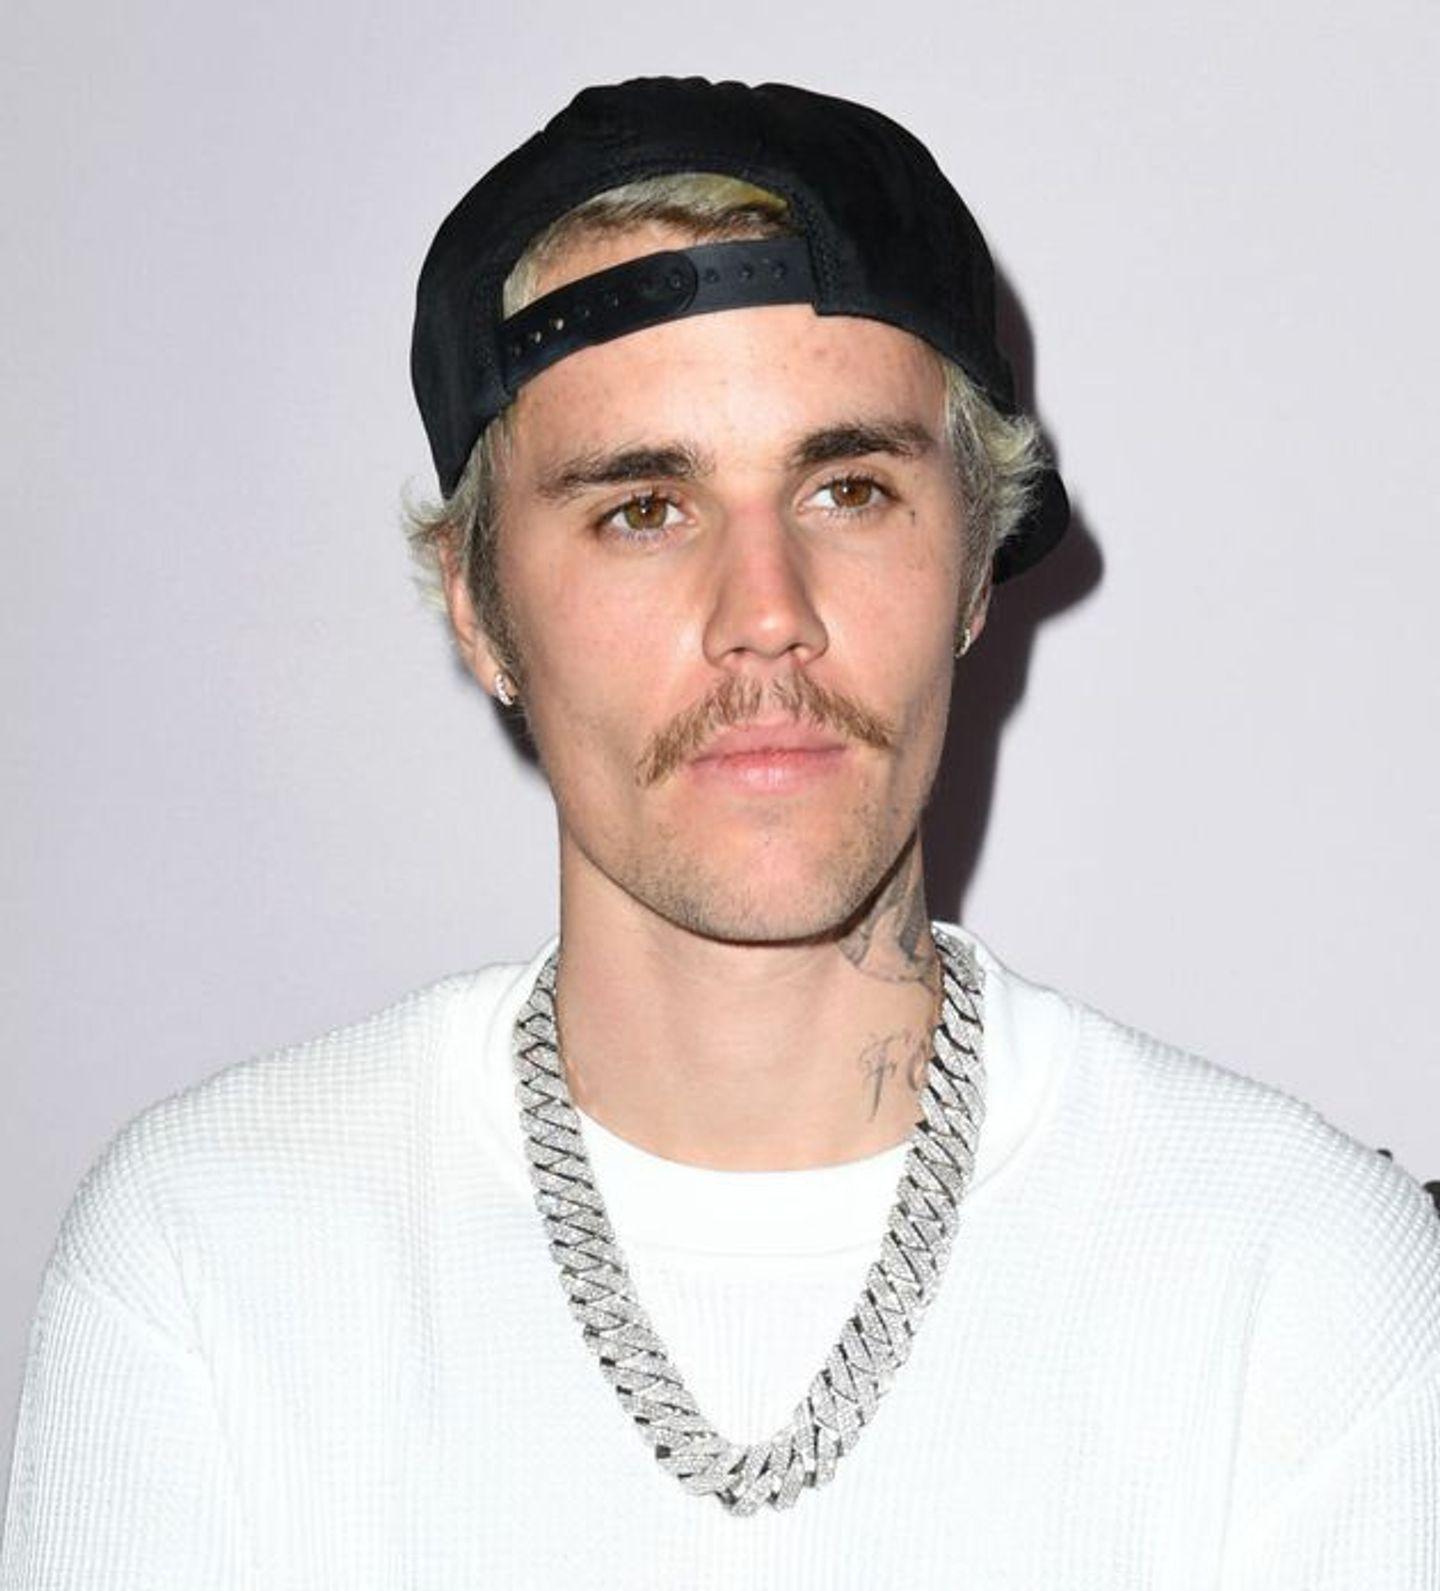 """Justin Bieber s'offre une remix de """"Peaches"""" avec Ludacris Usher et Snoop Dogg"""